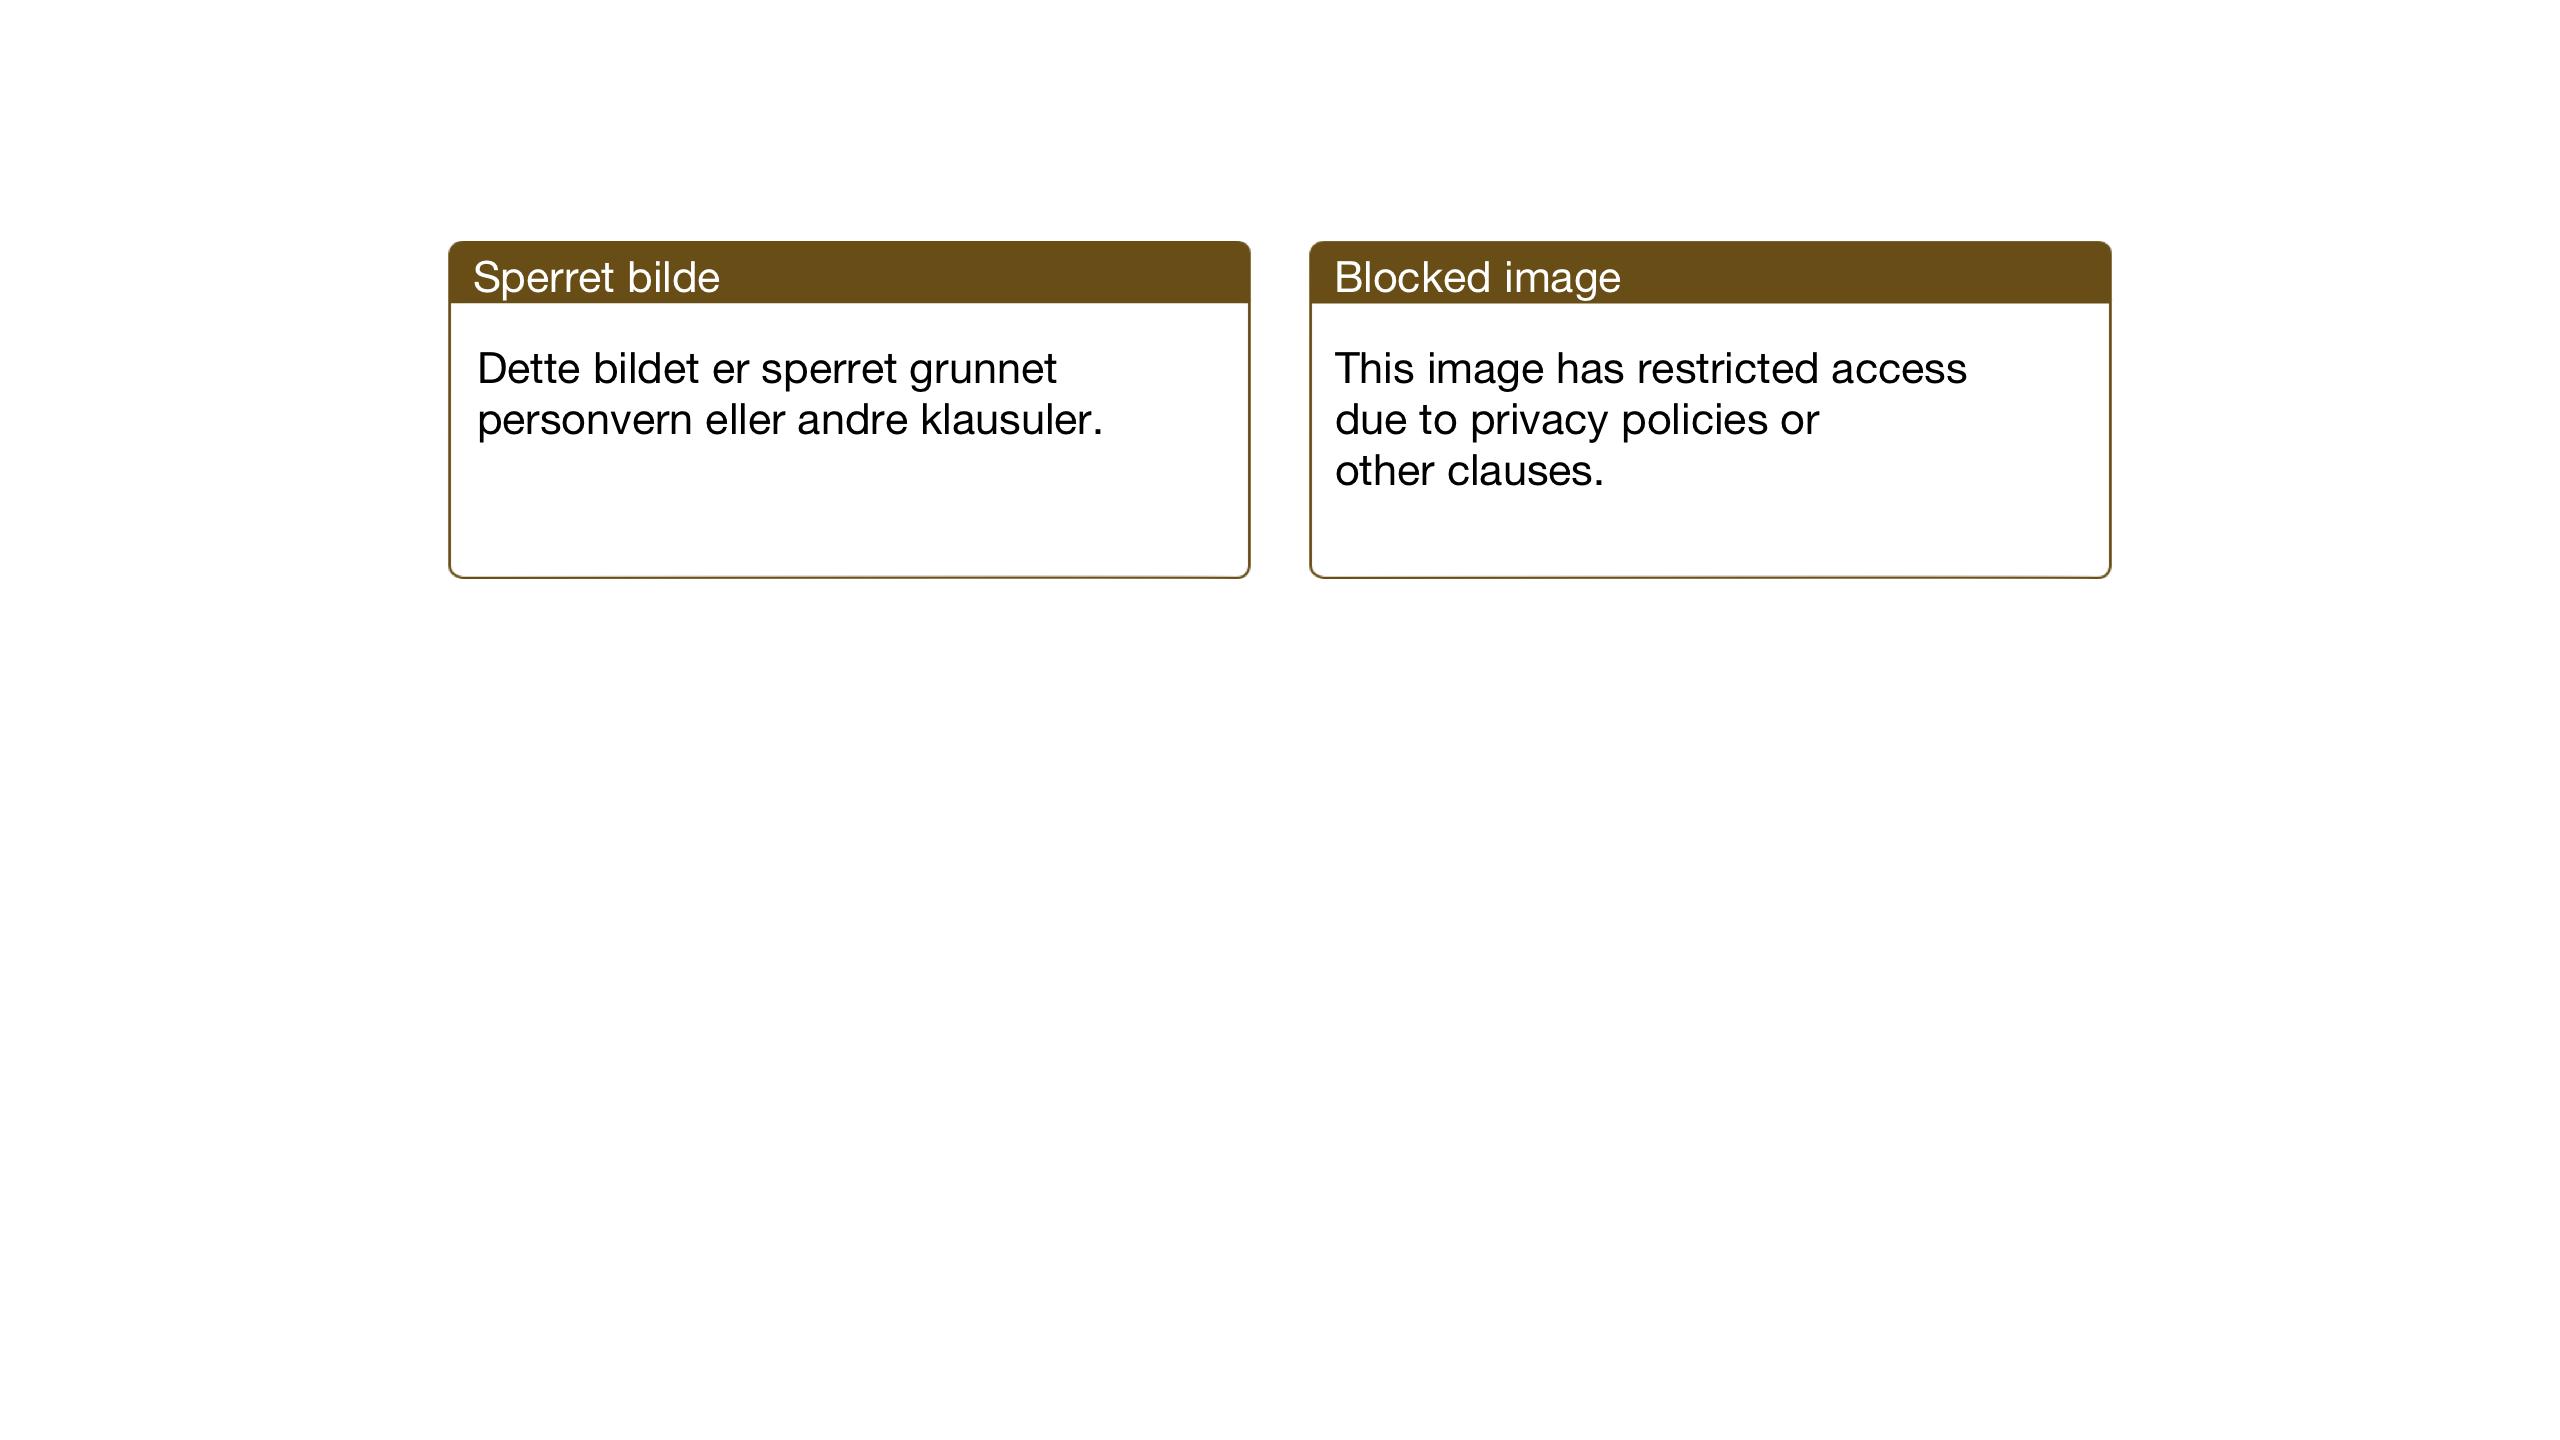 SAT, Ministerialprotokoller, klokkerbøker og fødselsregistre - Sør-Trøndelag, 690/L1053: Klokkerbok nr. 690C03, 1930-1947, s. 14